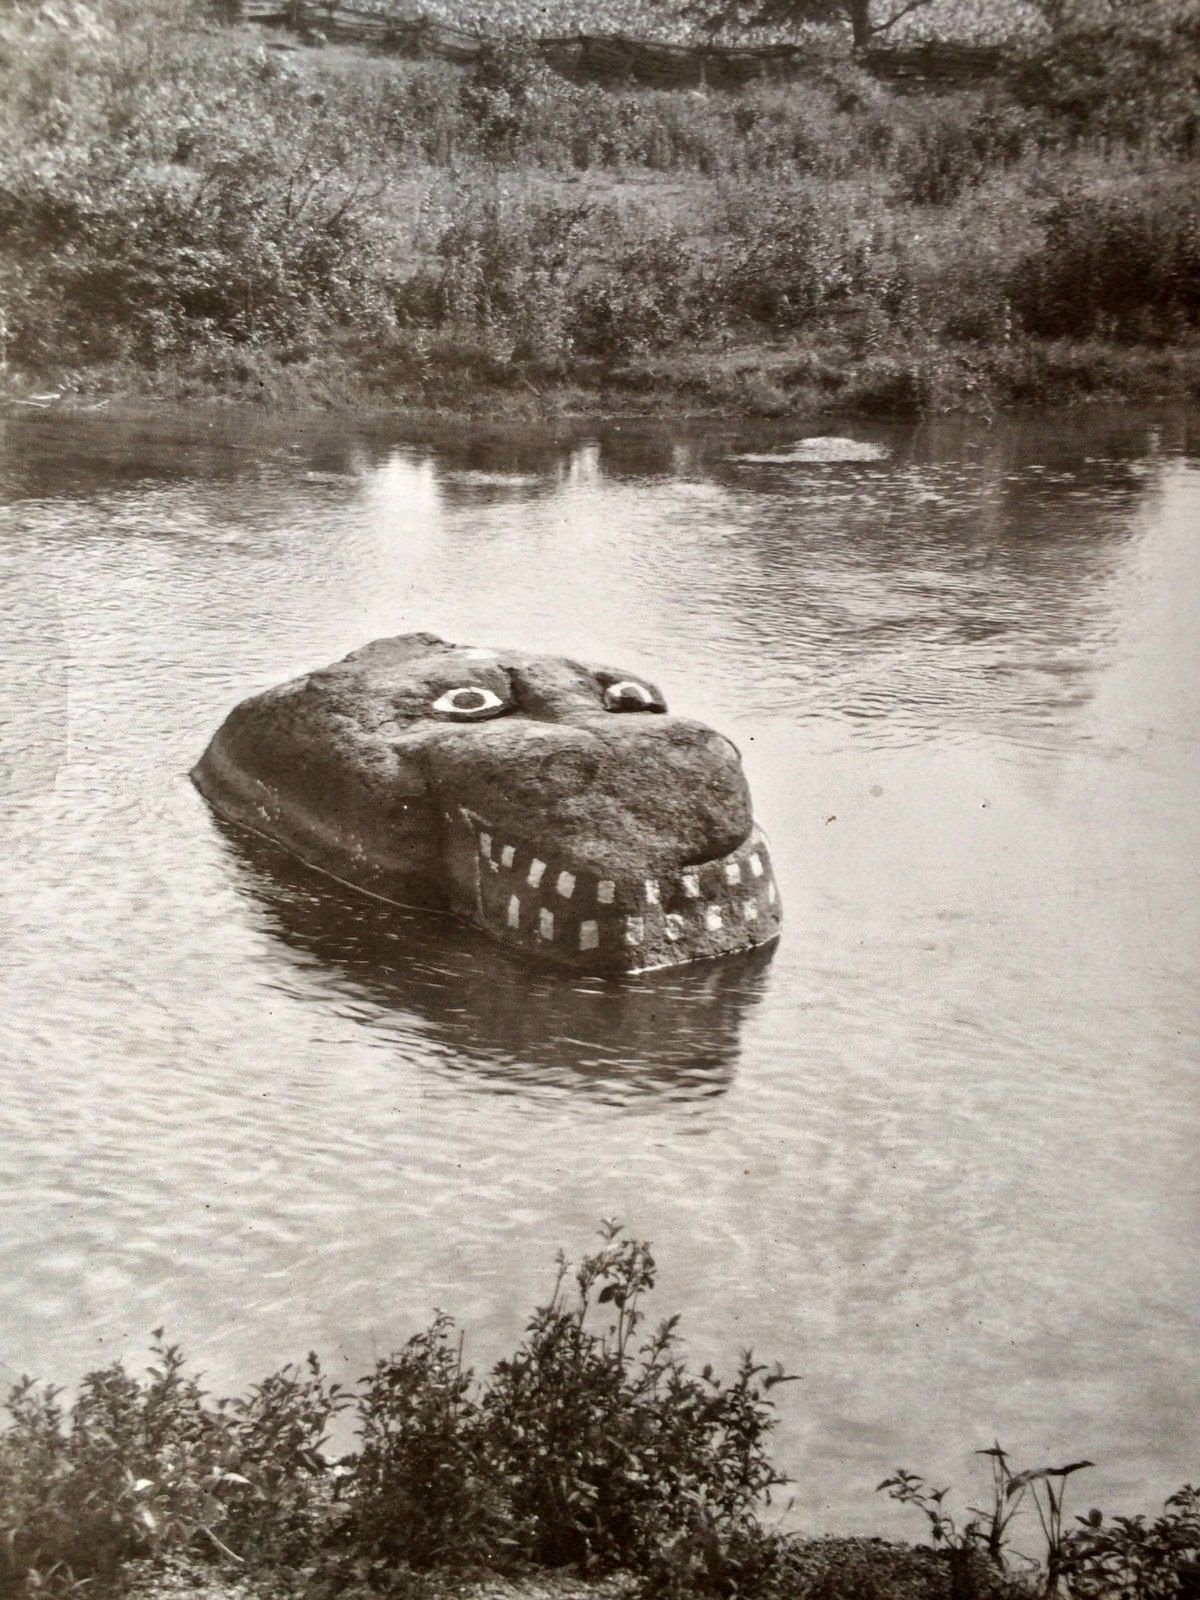 Graffiti River Rock Monster